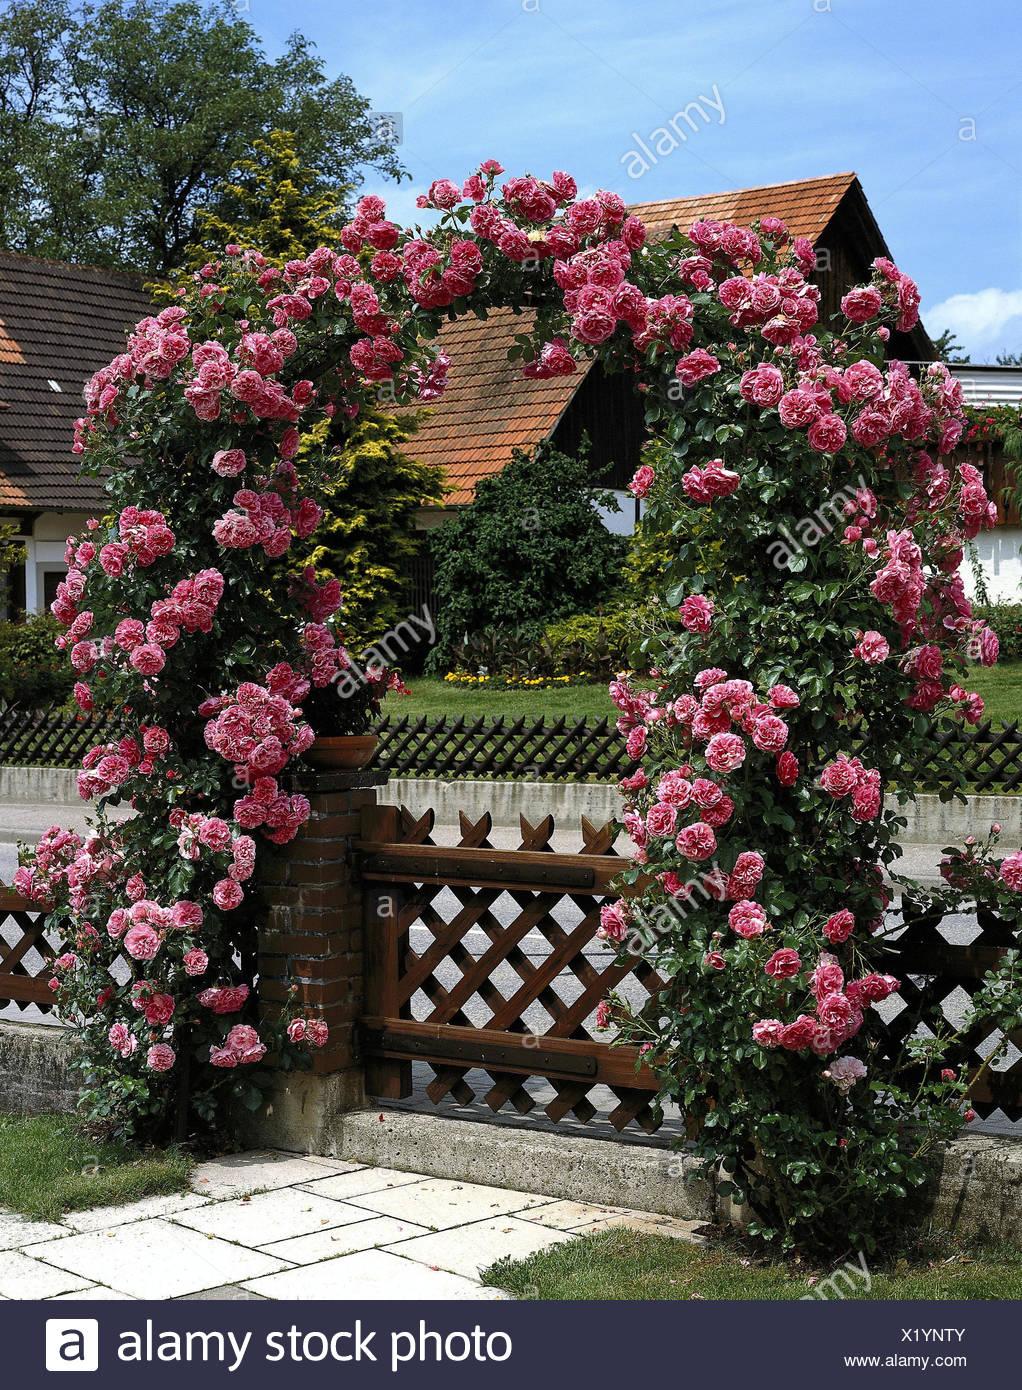 Piante Di Rose Rampicanti obiettivo del giardino, rose rampicanti, rose archi, arcate